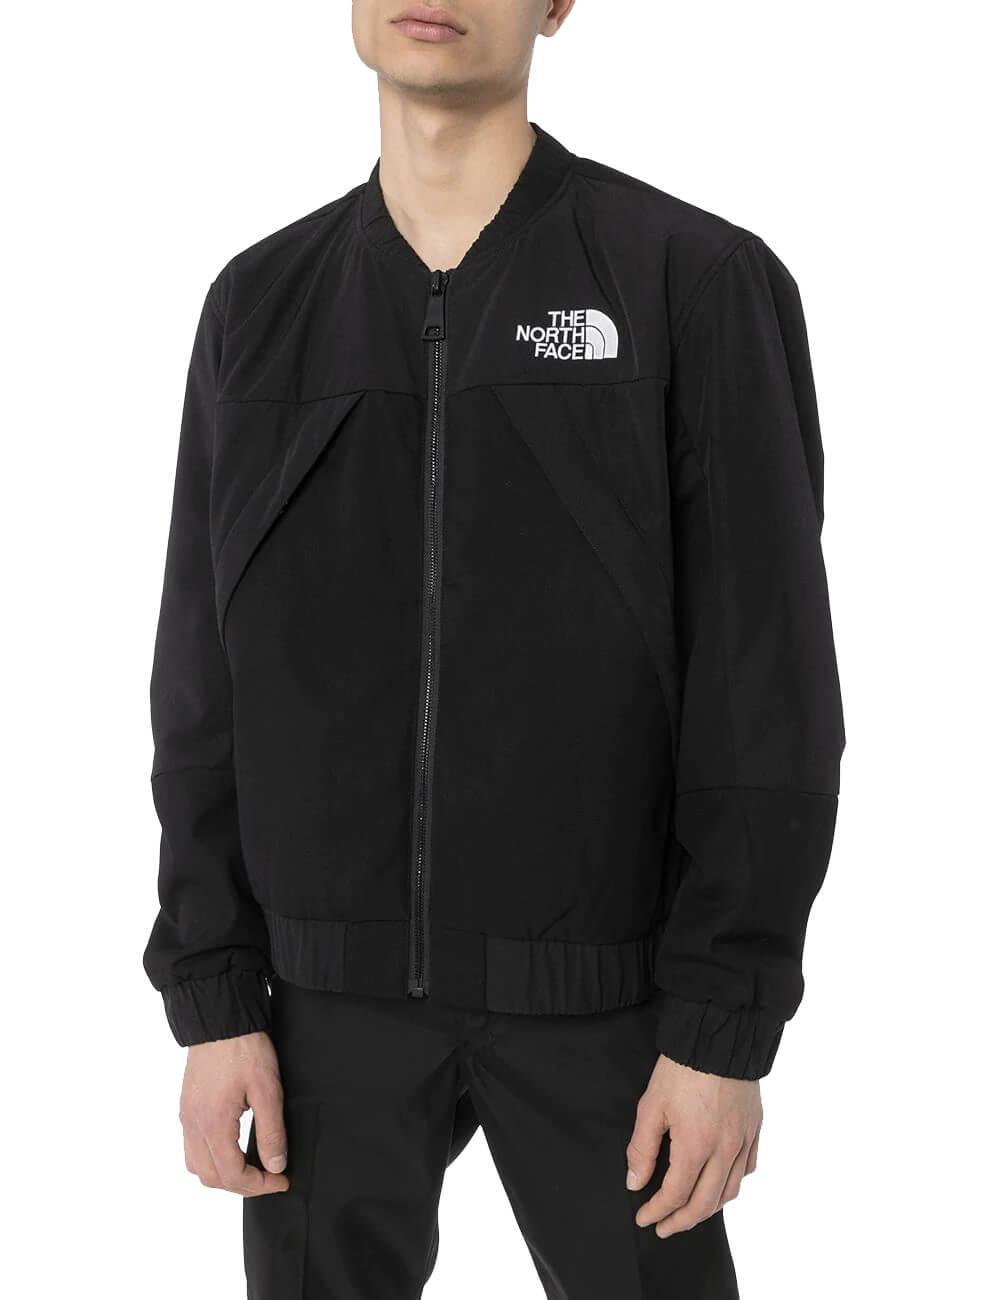 Jaqueta com capuz e estampa